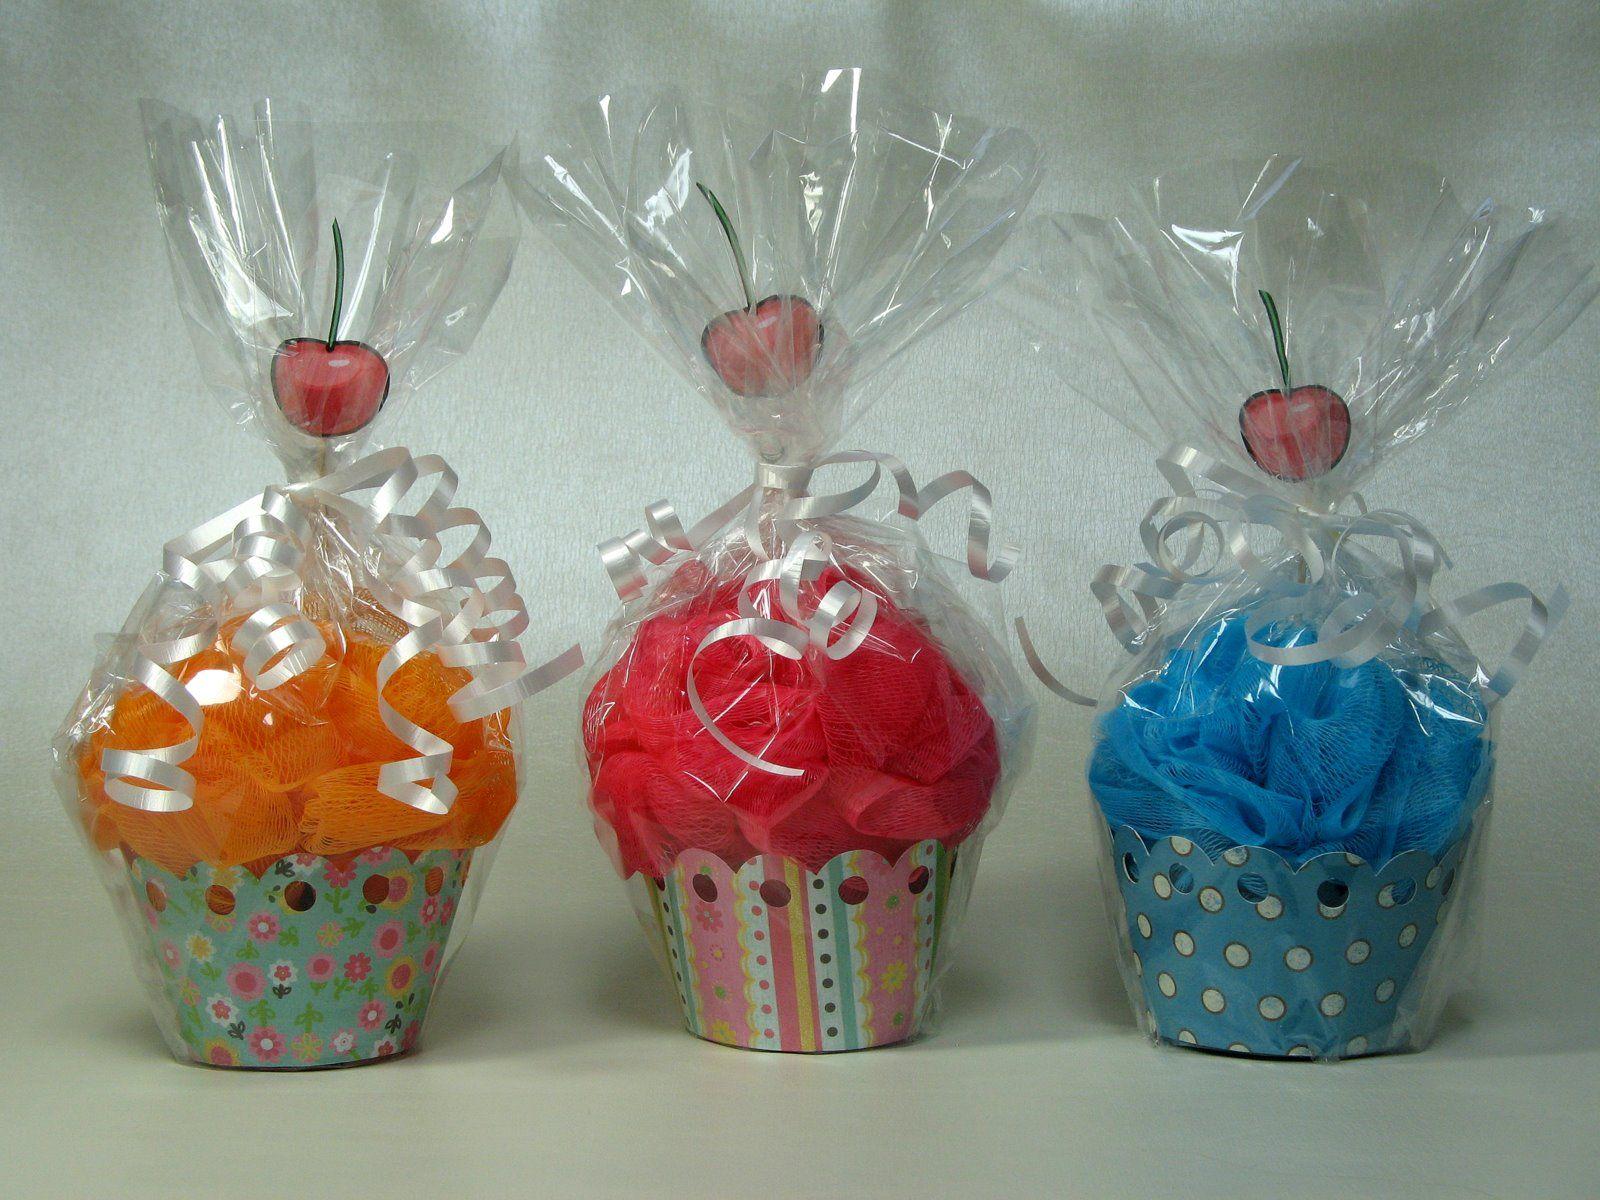 Spa Party Bath Scrunchy Cupcakes As Favors Sugar